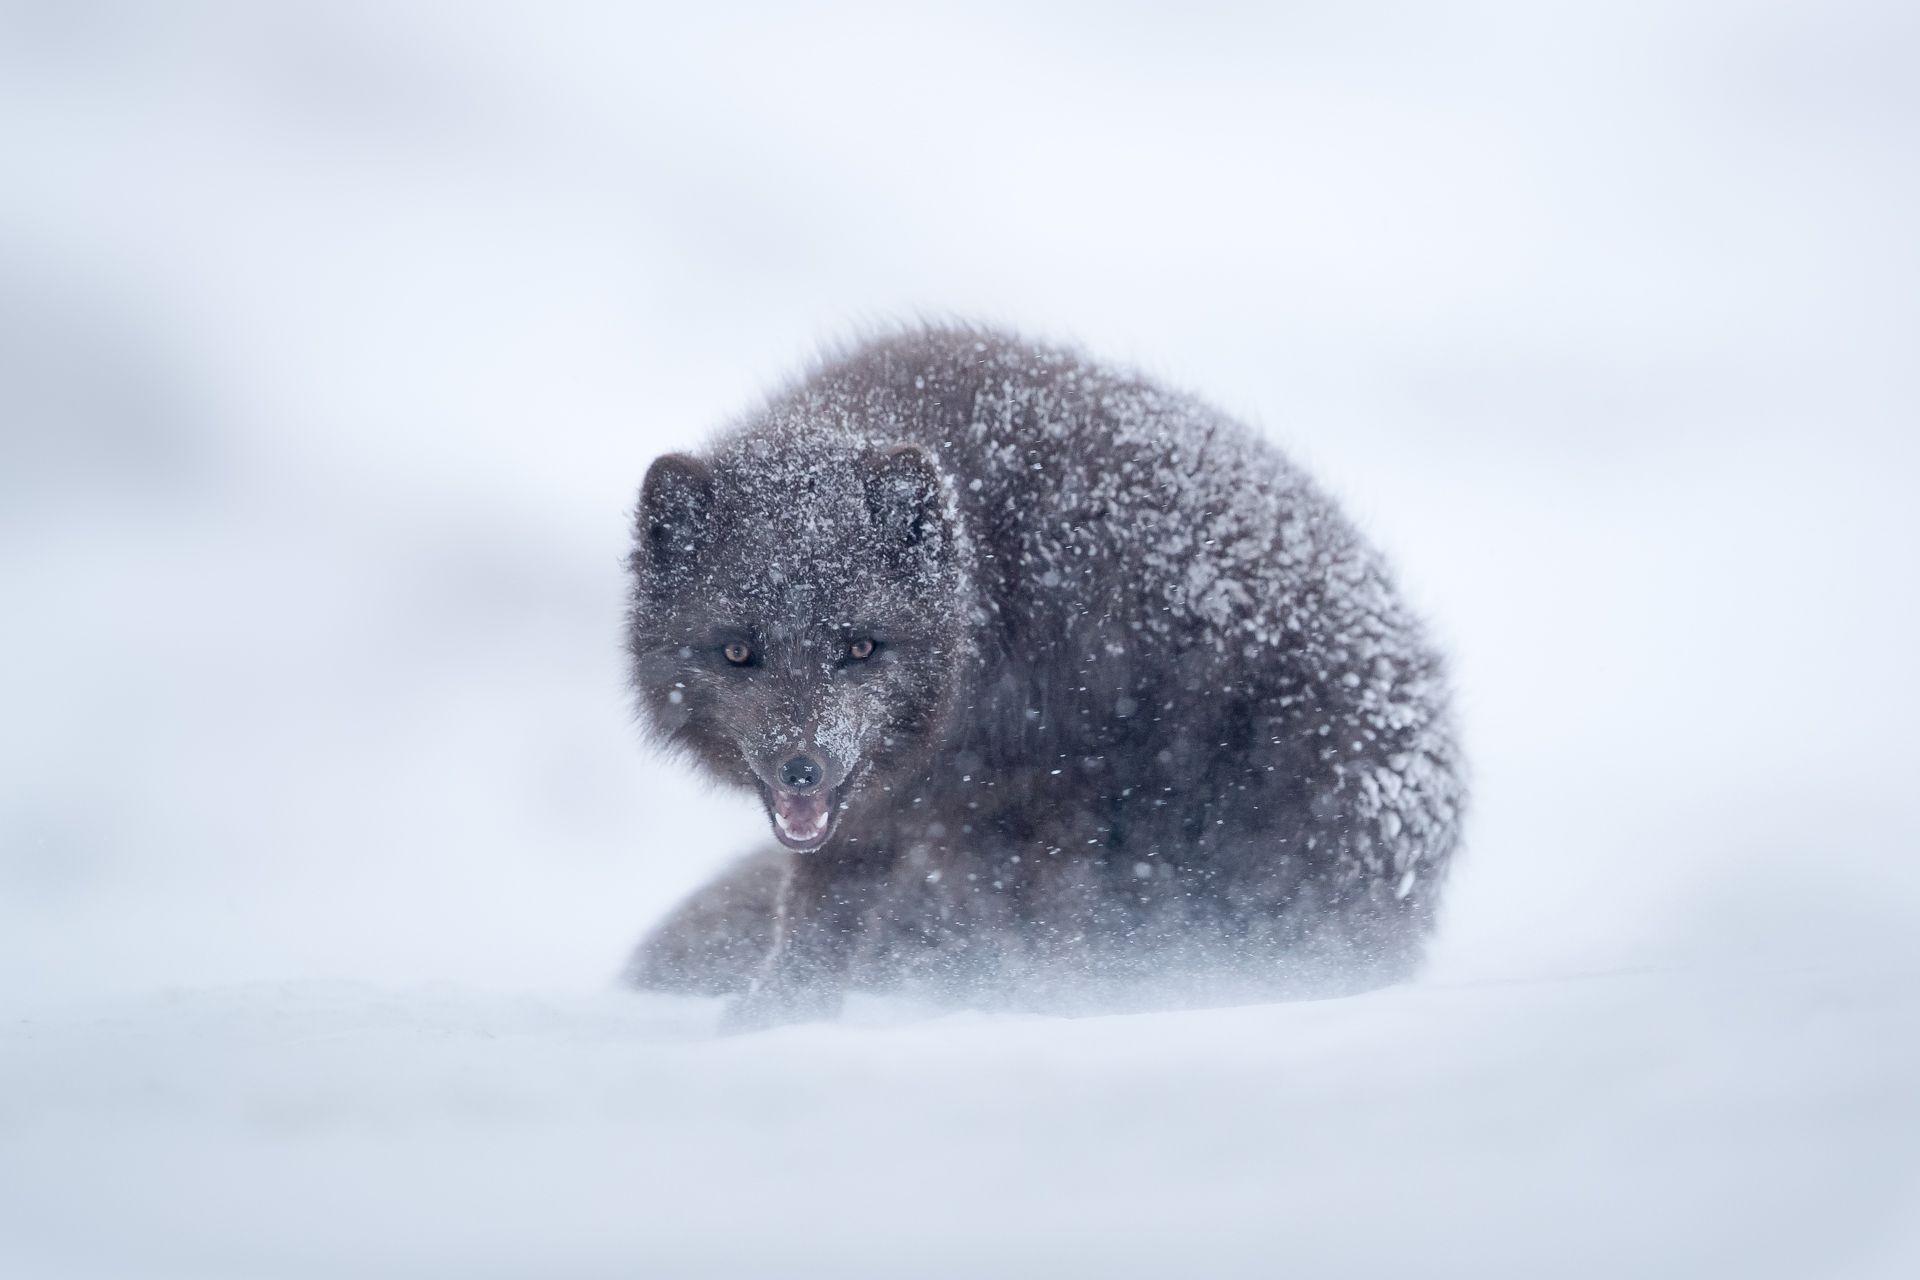 Raposa e gelo